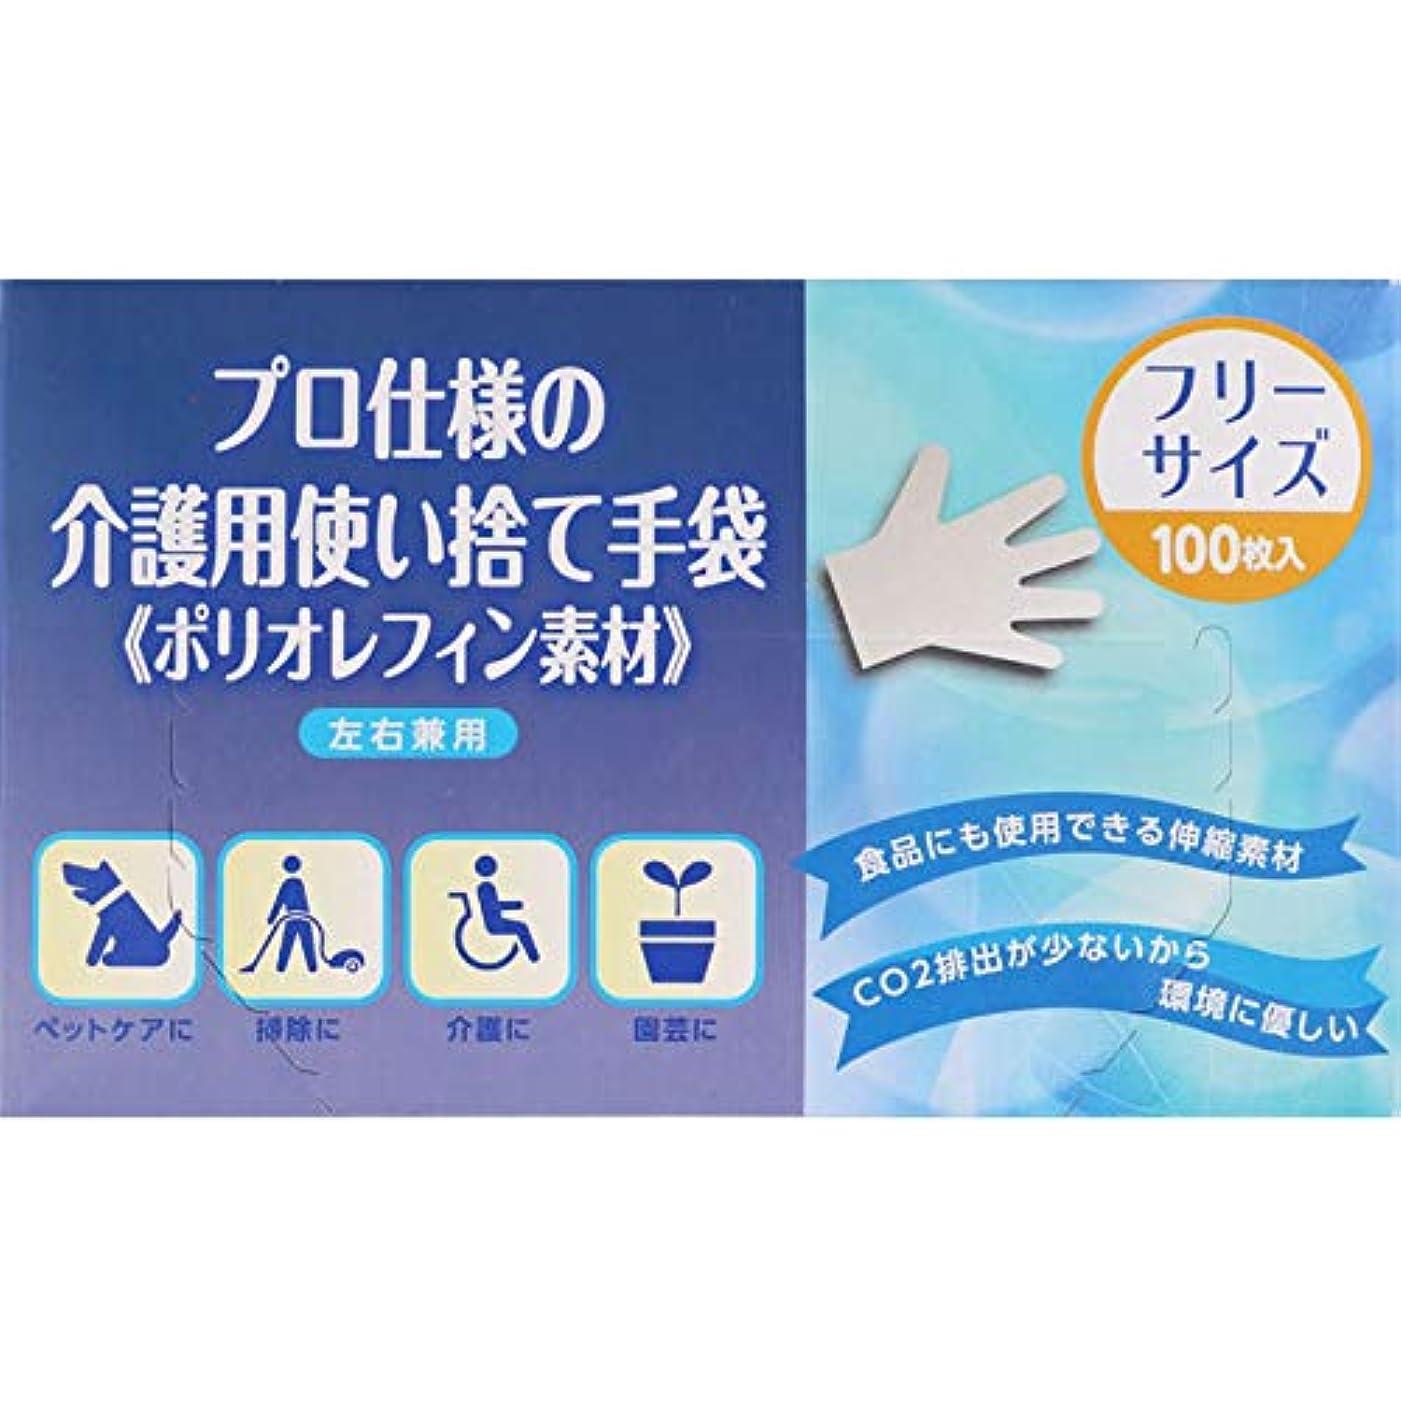 反乱然とした眠っている【10個セット】プロ仕様の介護用使い捨て手袋《ポリオレフィン素材》 100枚